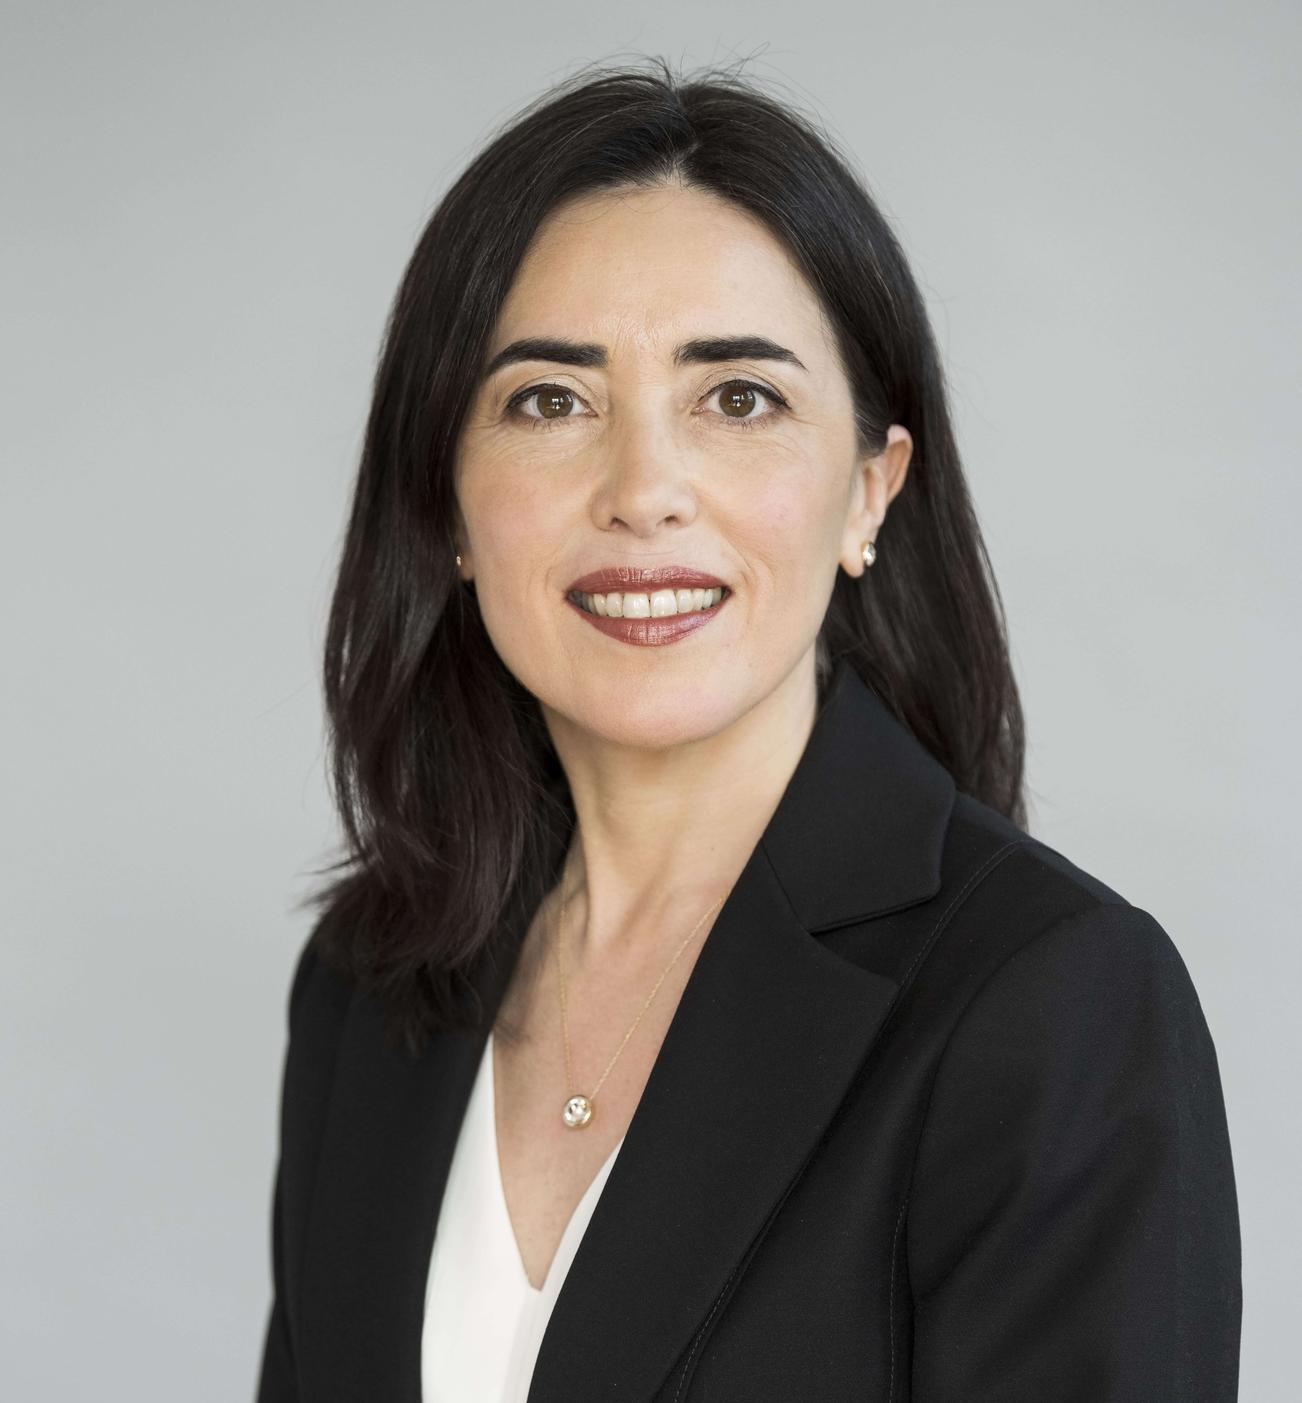 Dayana Pereira